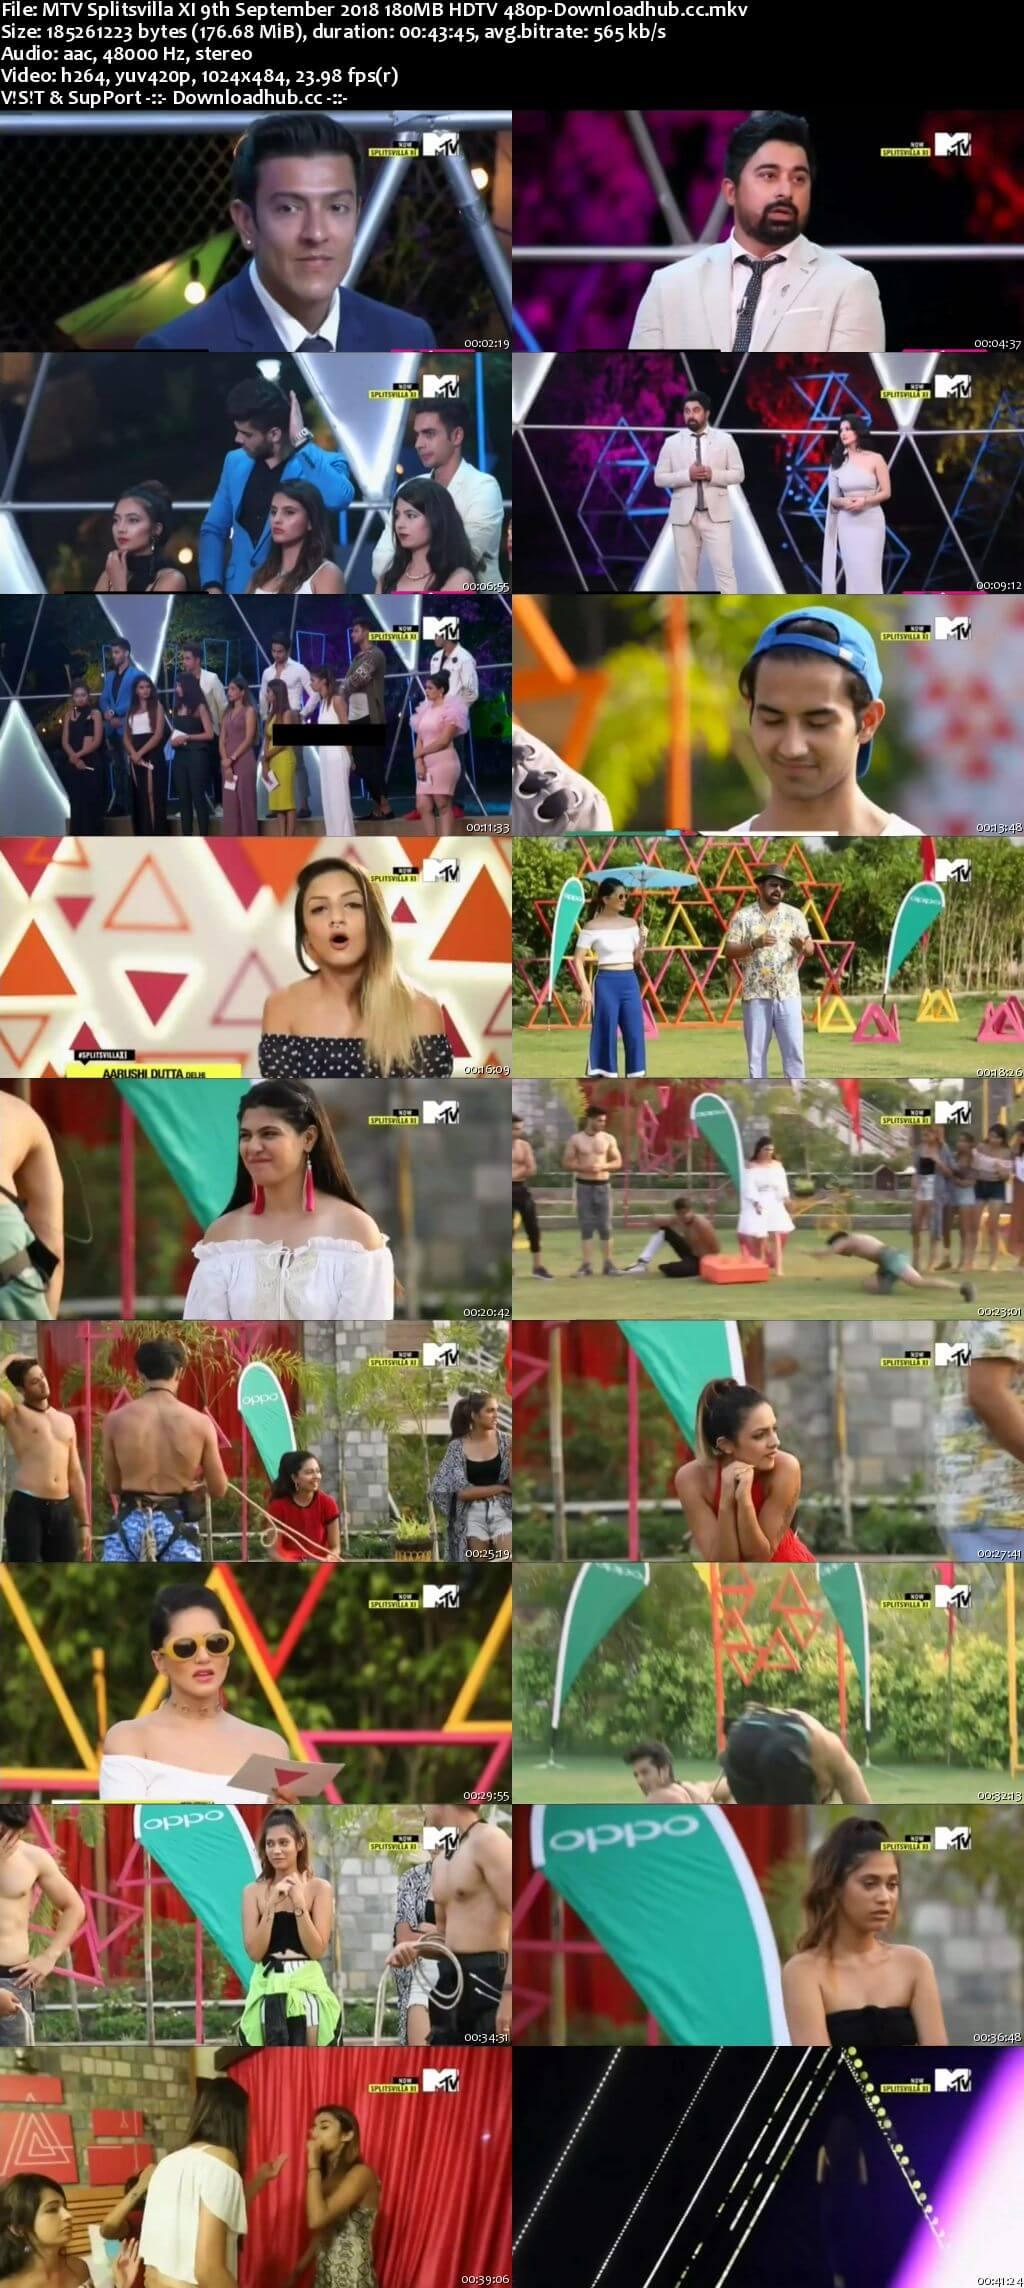 MTV Splitsvilla XI 9th September 2018 180MB HDTV 480p